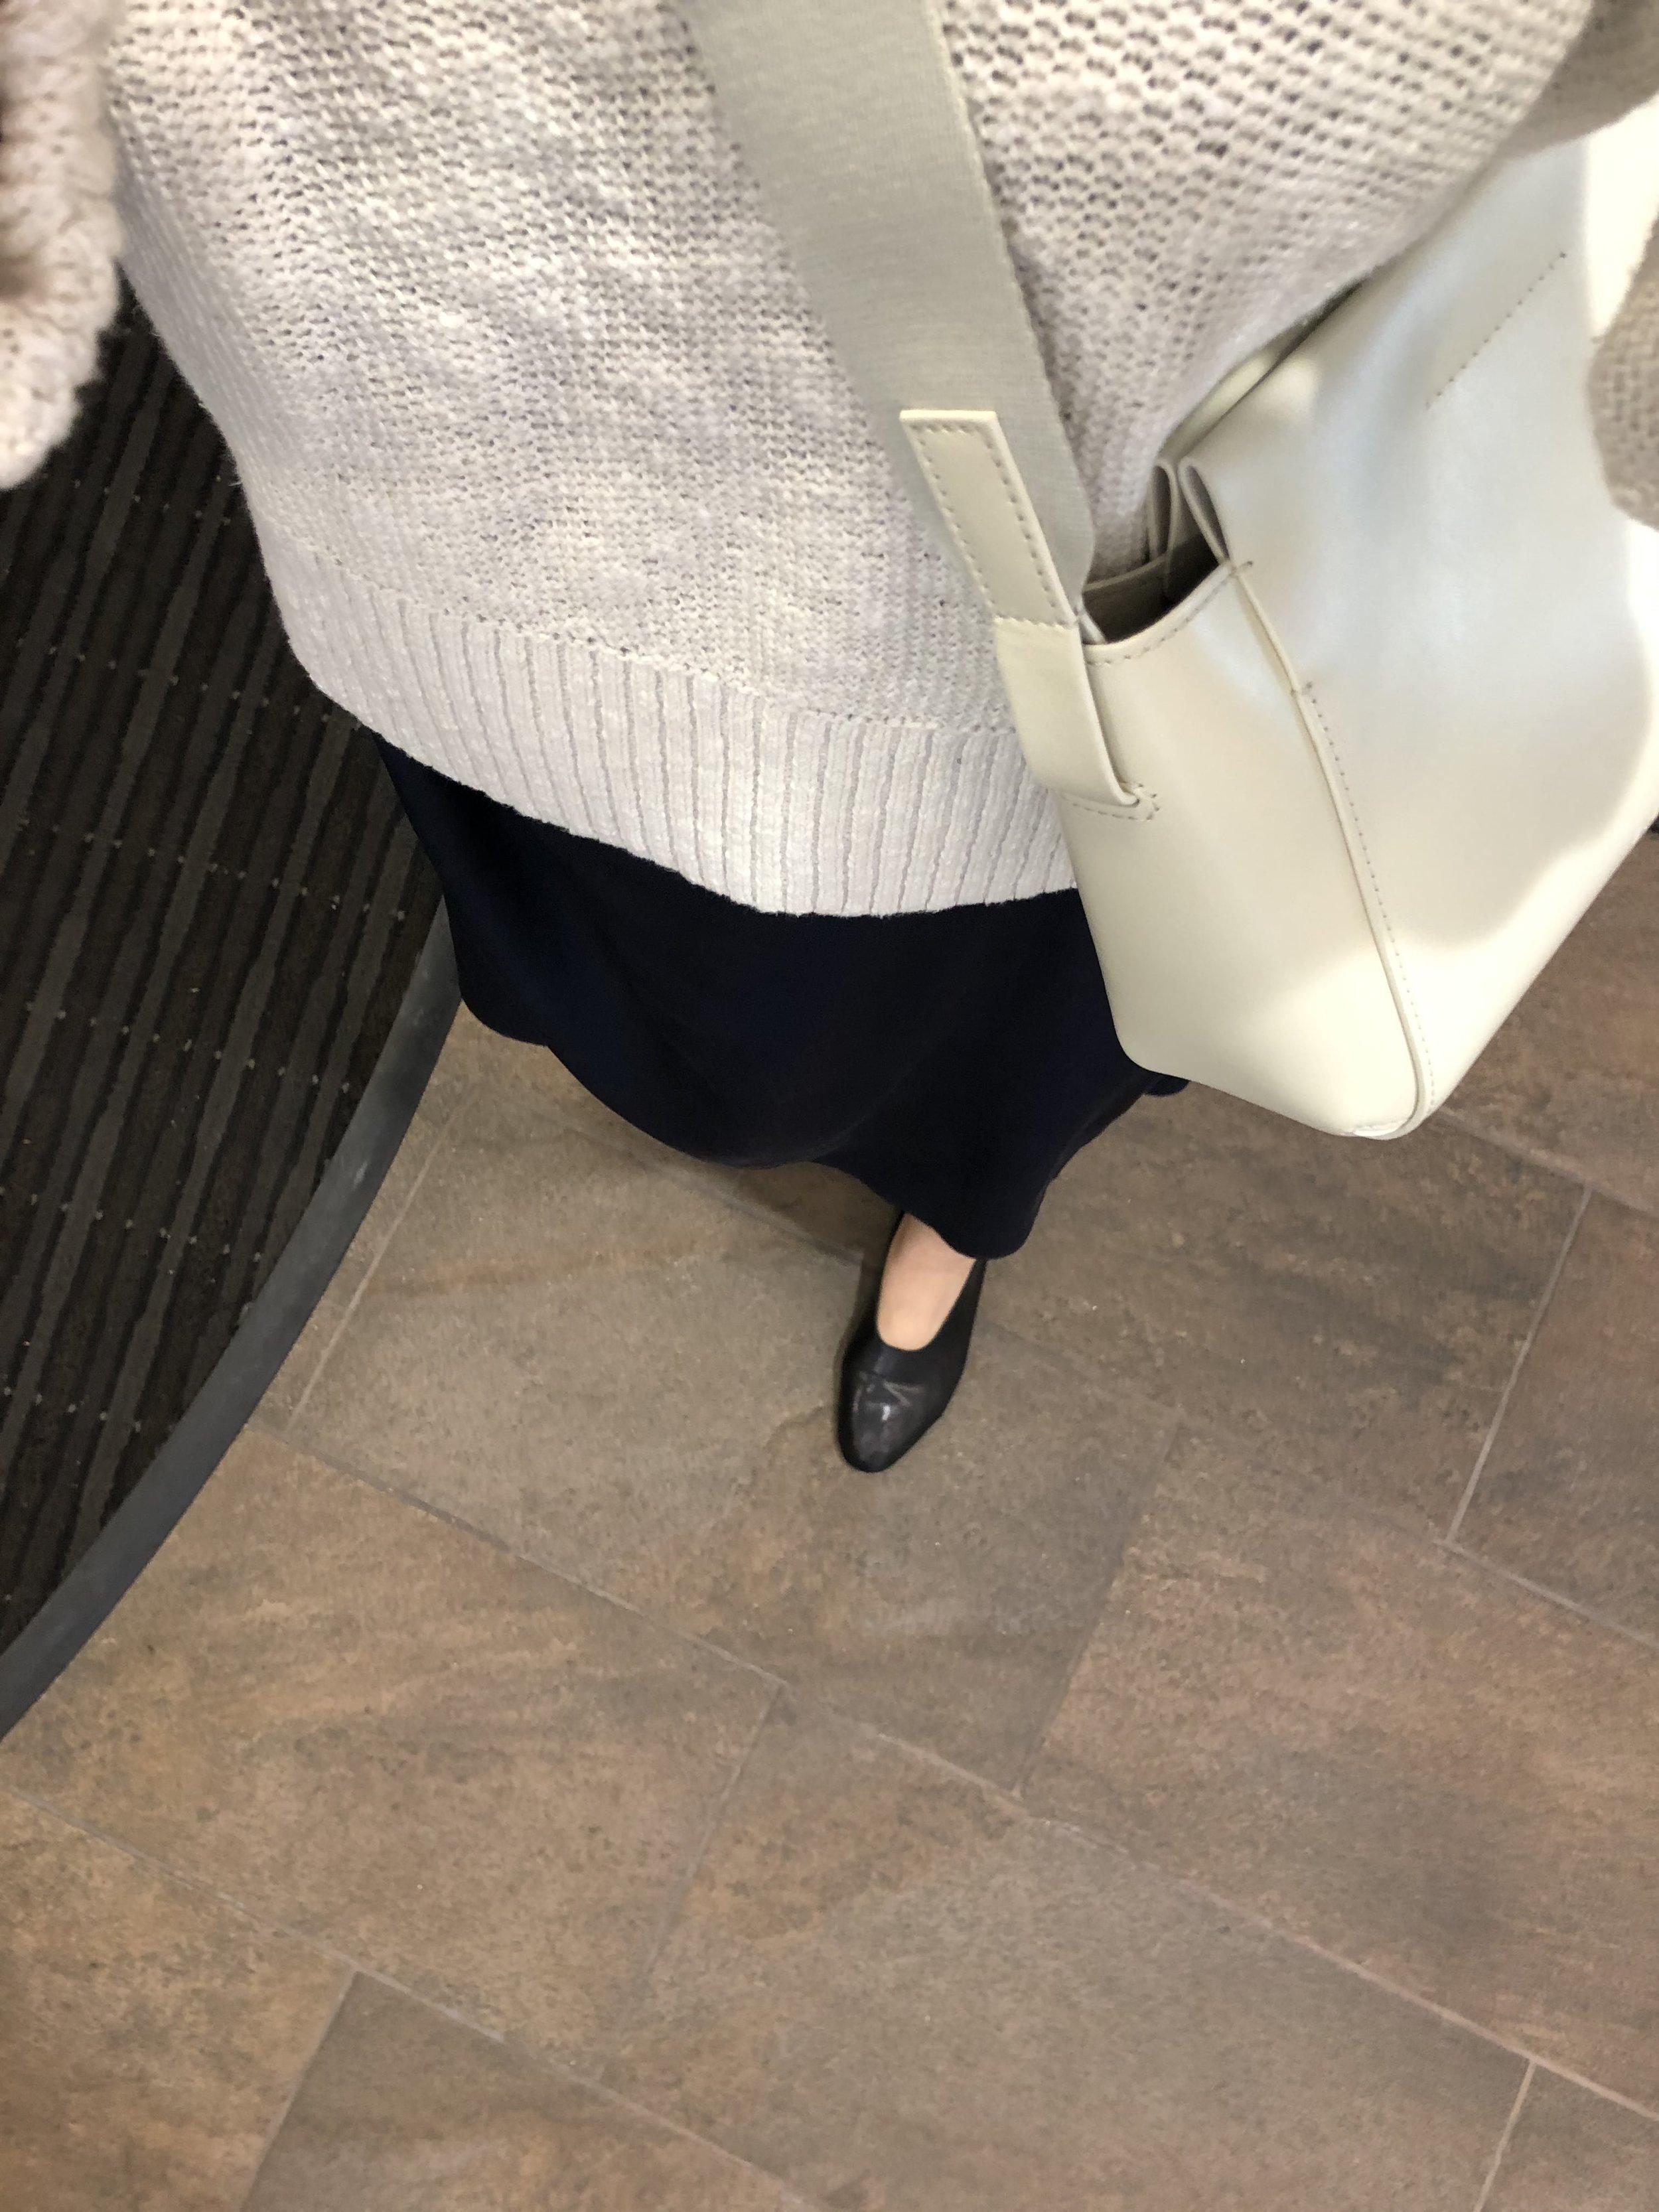 Everlane Review Mini Form Bag